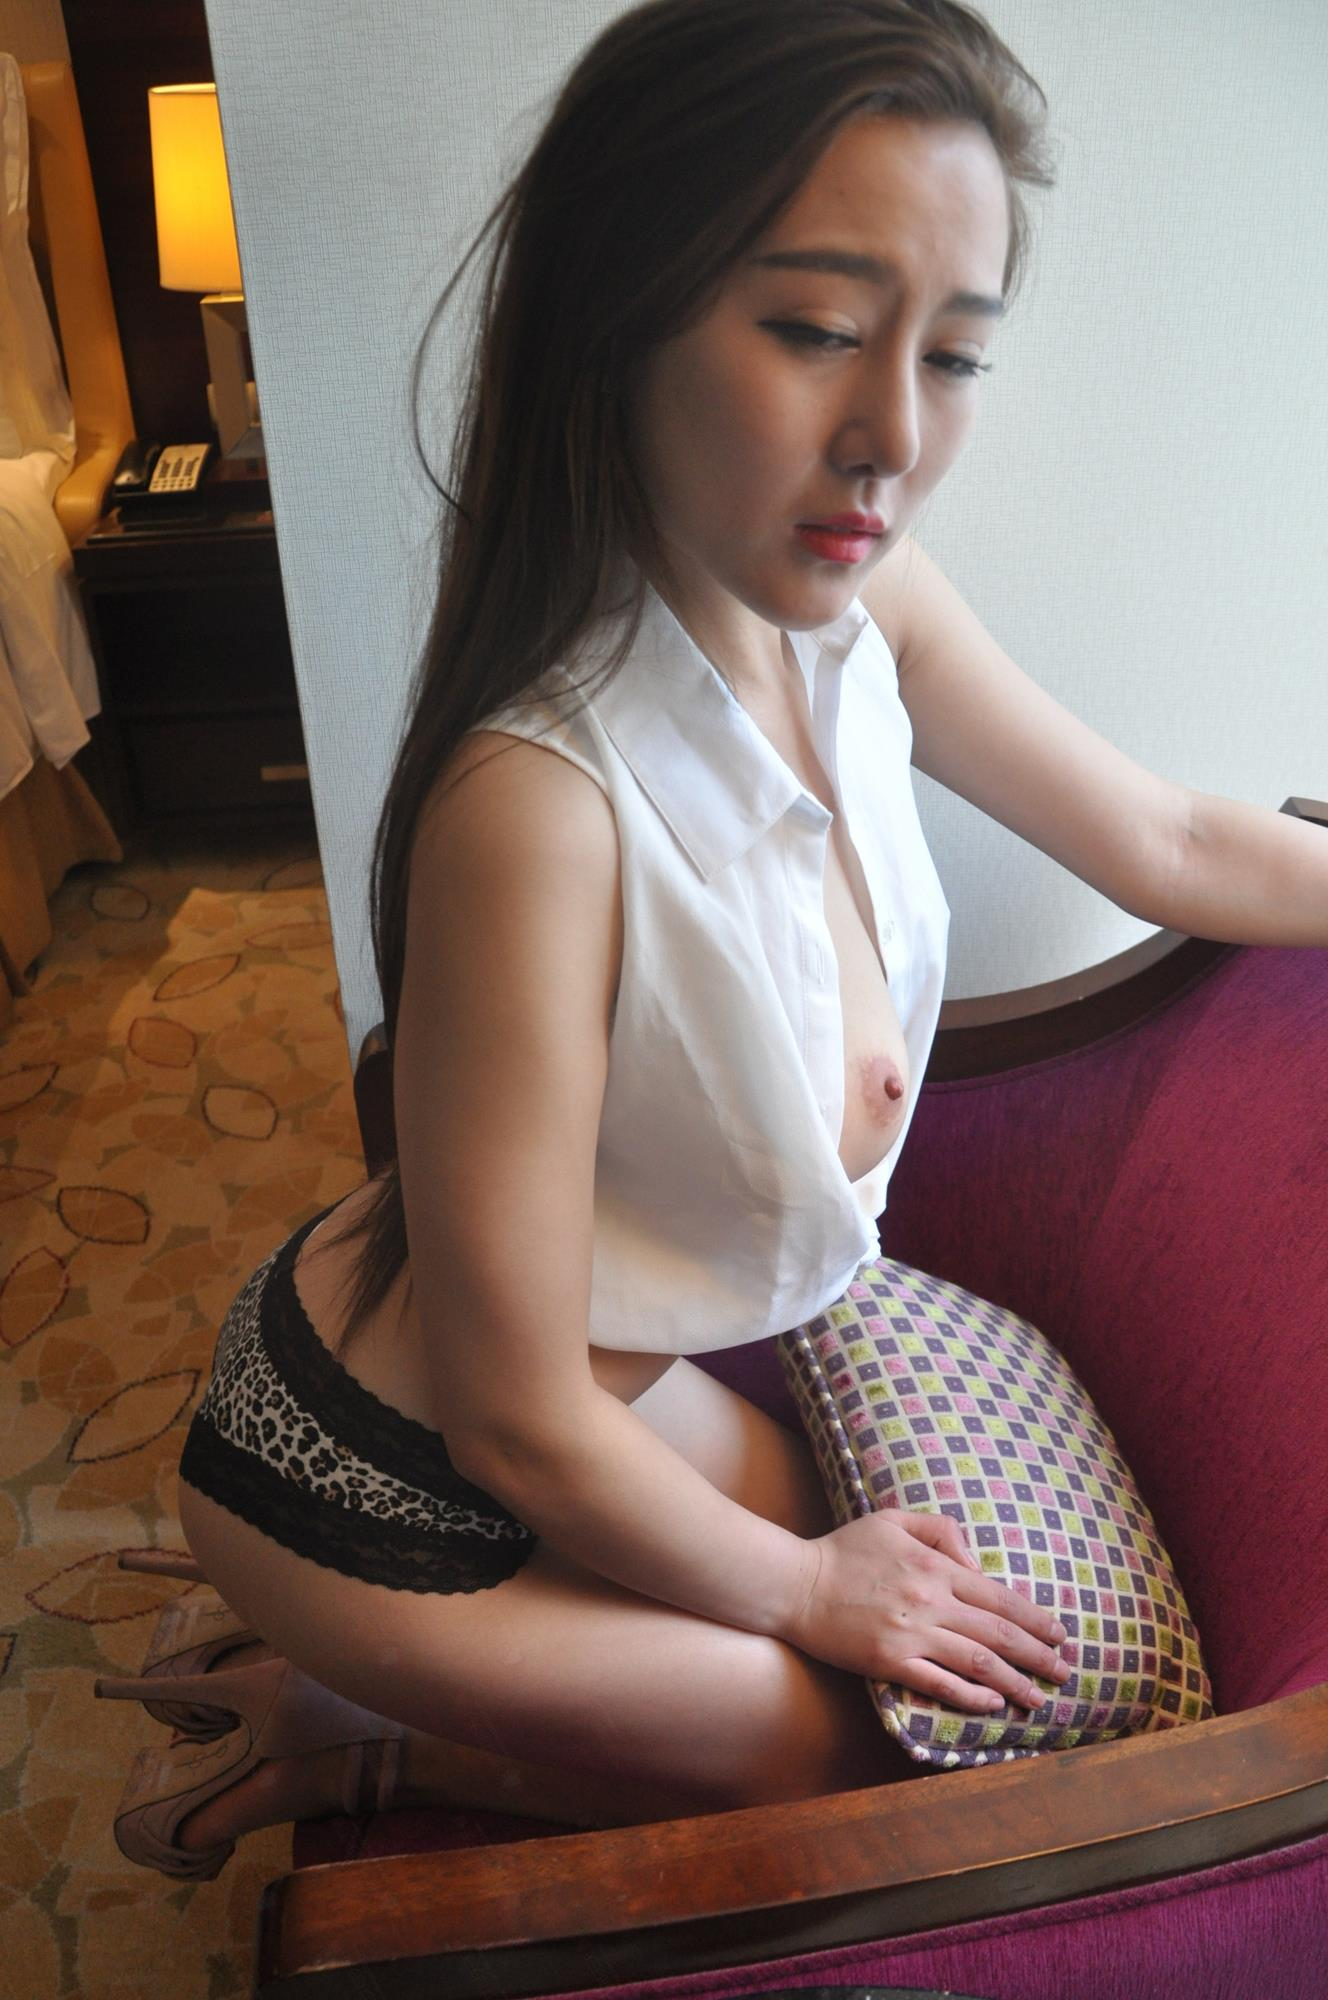 國模秦雪 大尺(二)100 - 貼圖 - 絲襪美腿 -